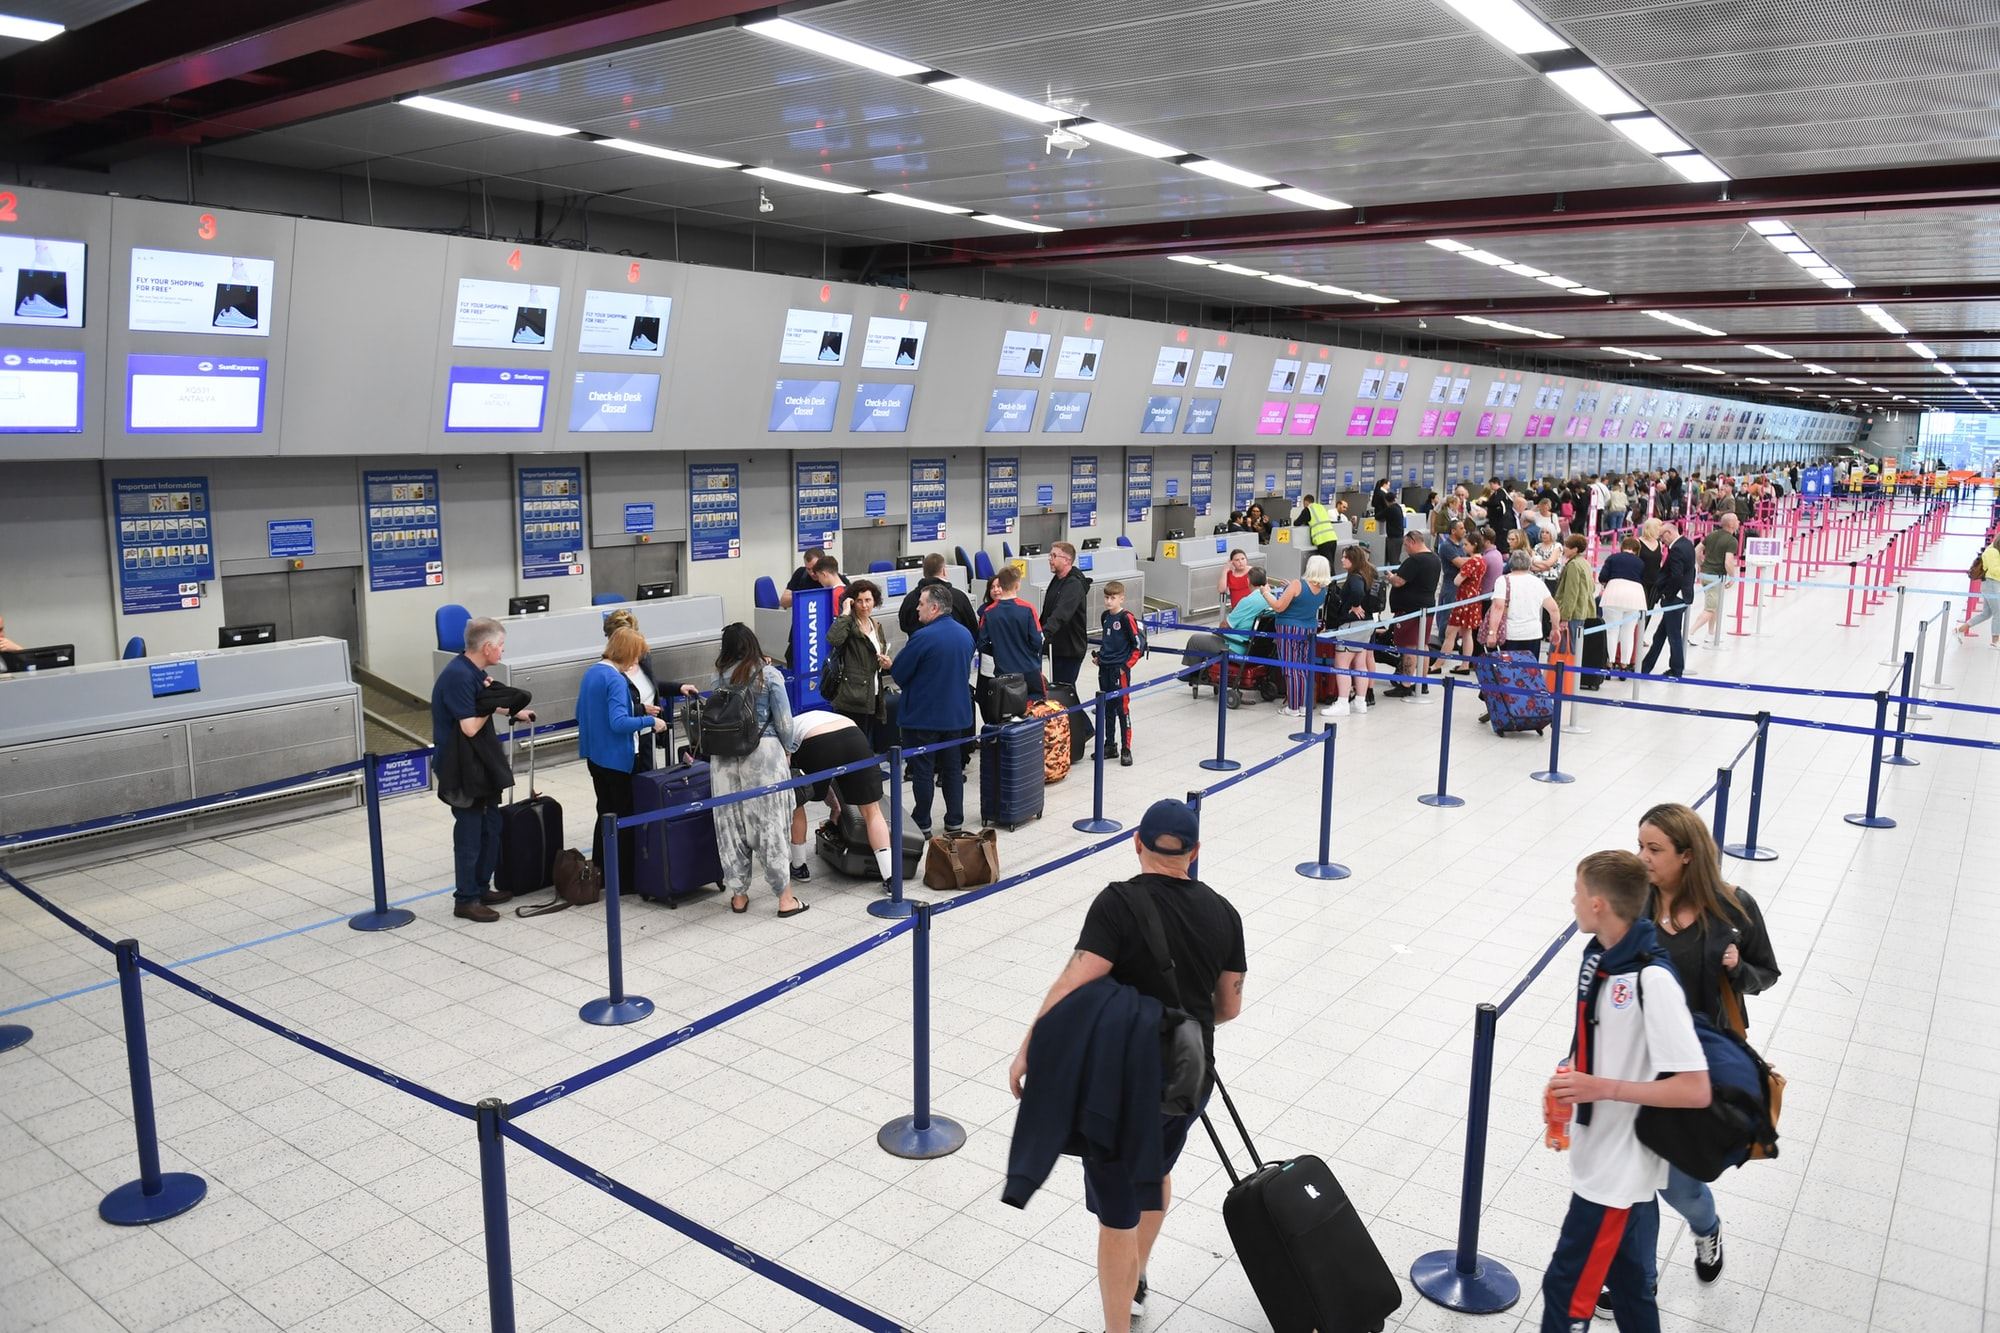 भारत आने वाले हवाई यात्रियों के लिए अब सिर्फ कोरोना की निगेटिव रिपोर्ट जरूरी